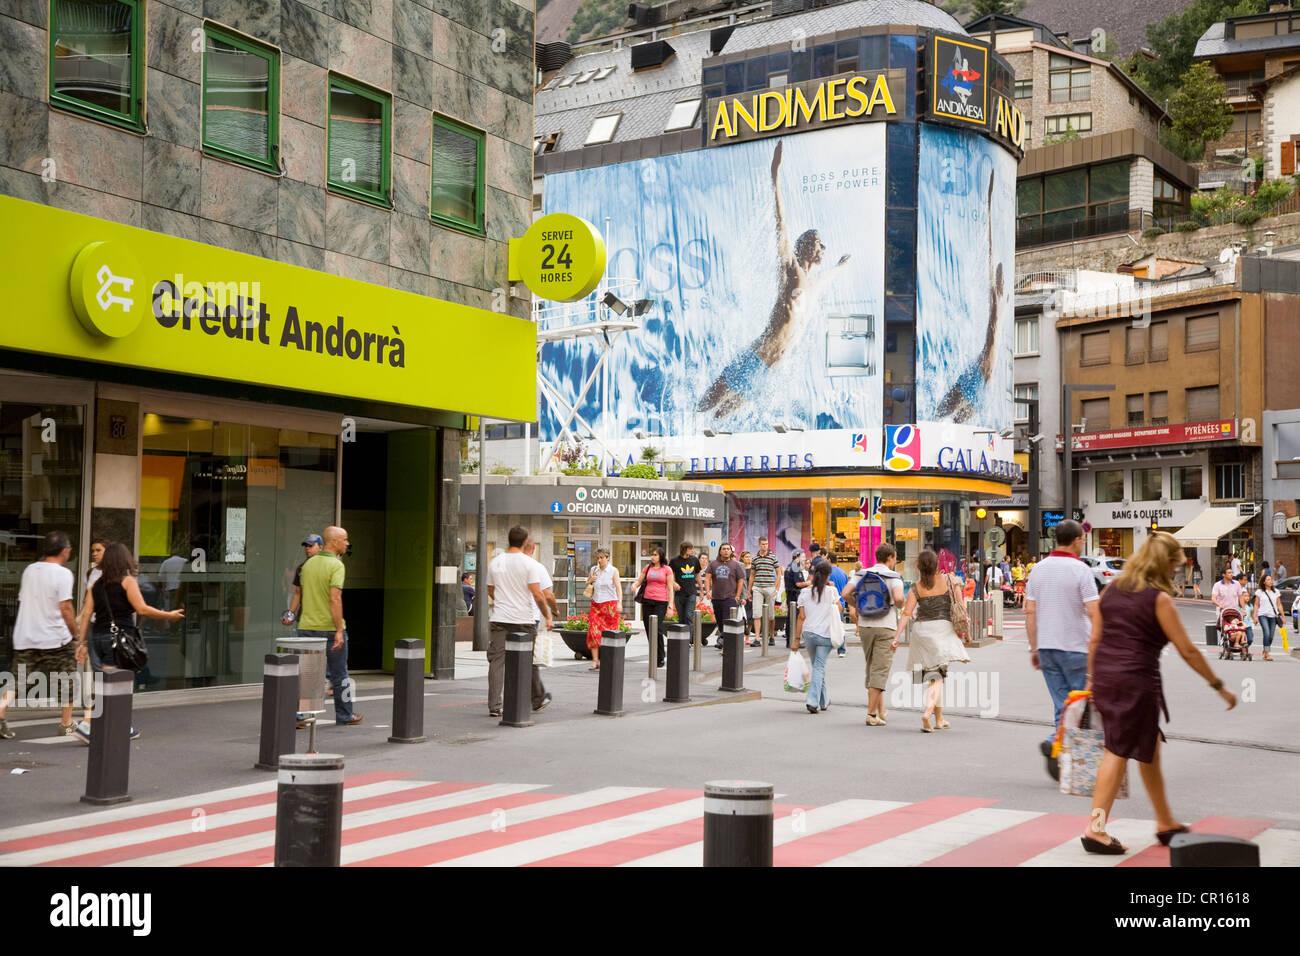 Andorra, Andorra la Vella - Stock Image